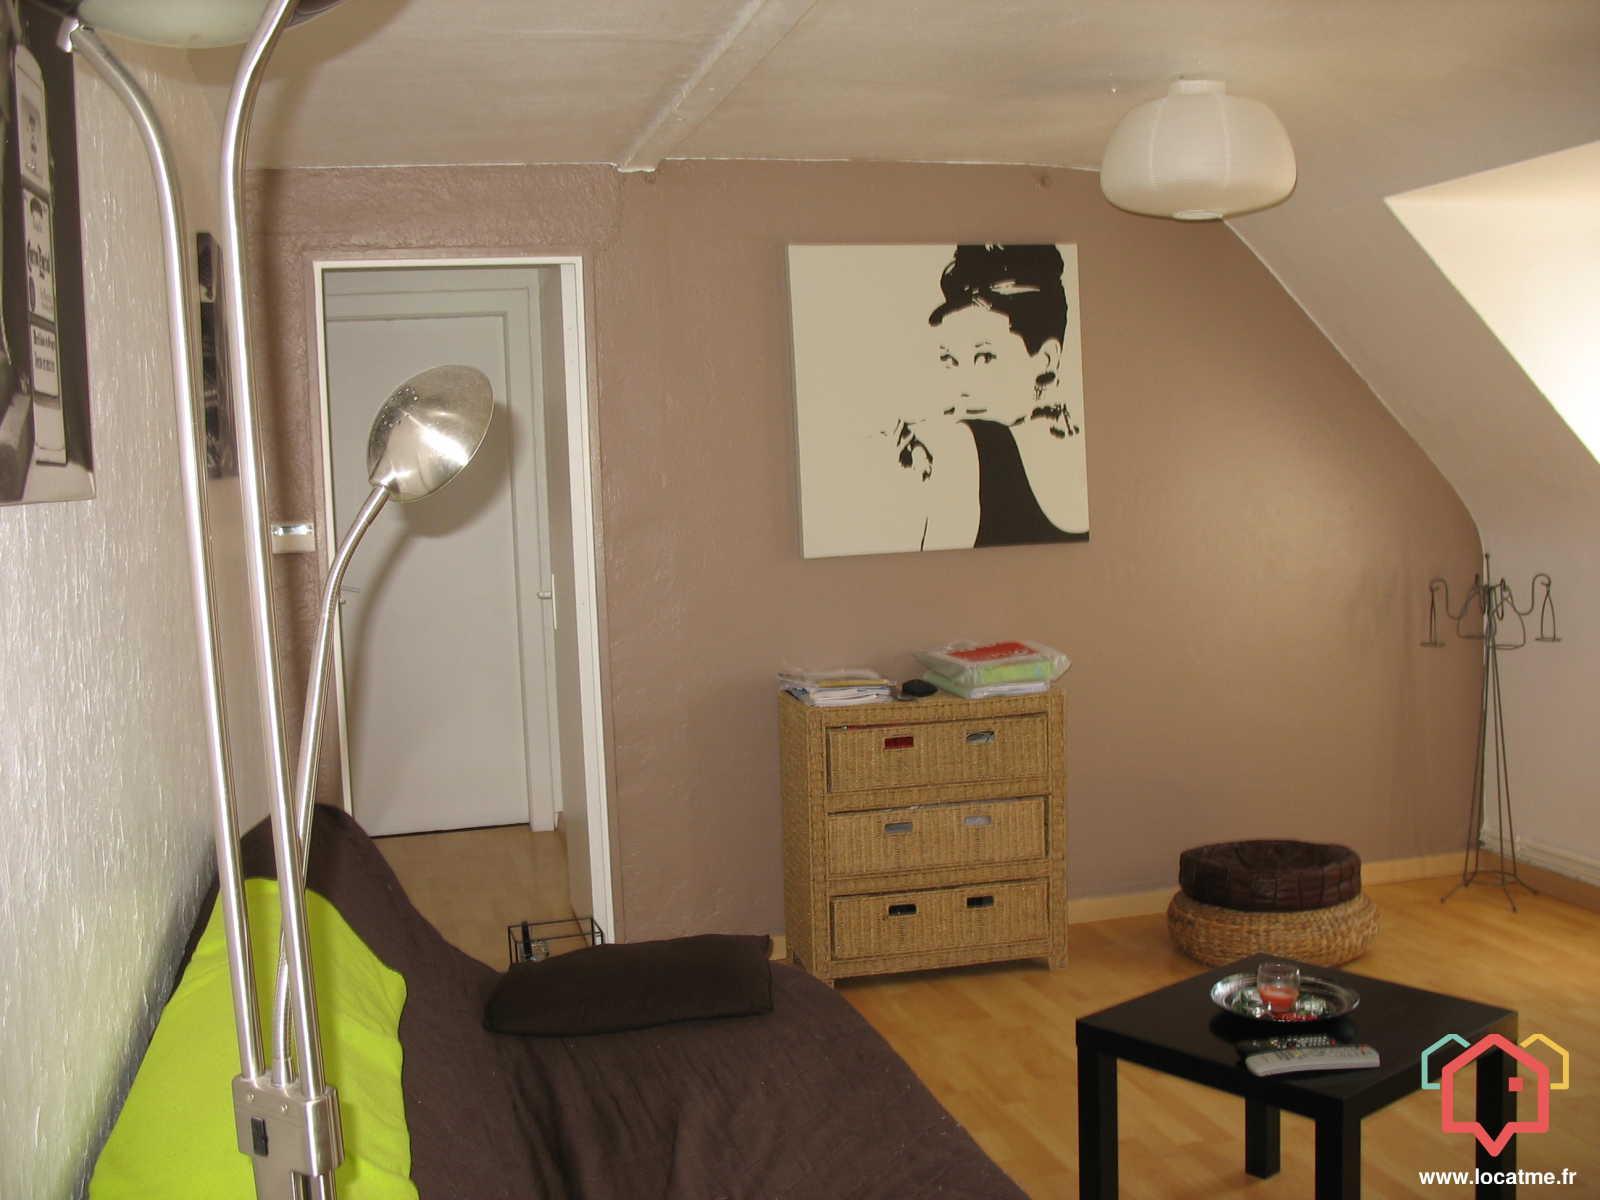 Ordinaire Appartement à Louer Non Meublé à Mulhouse